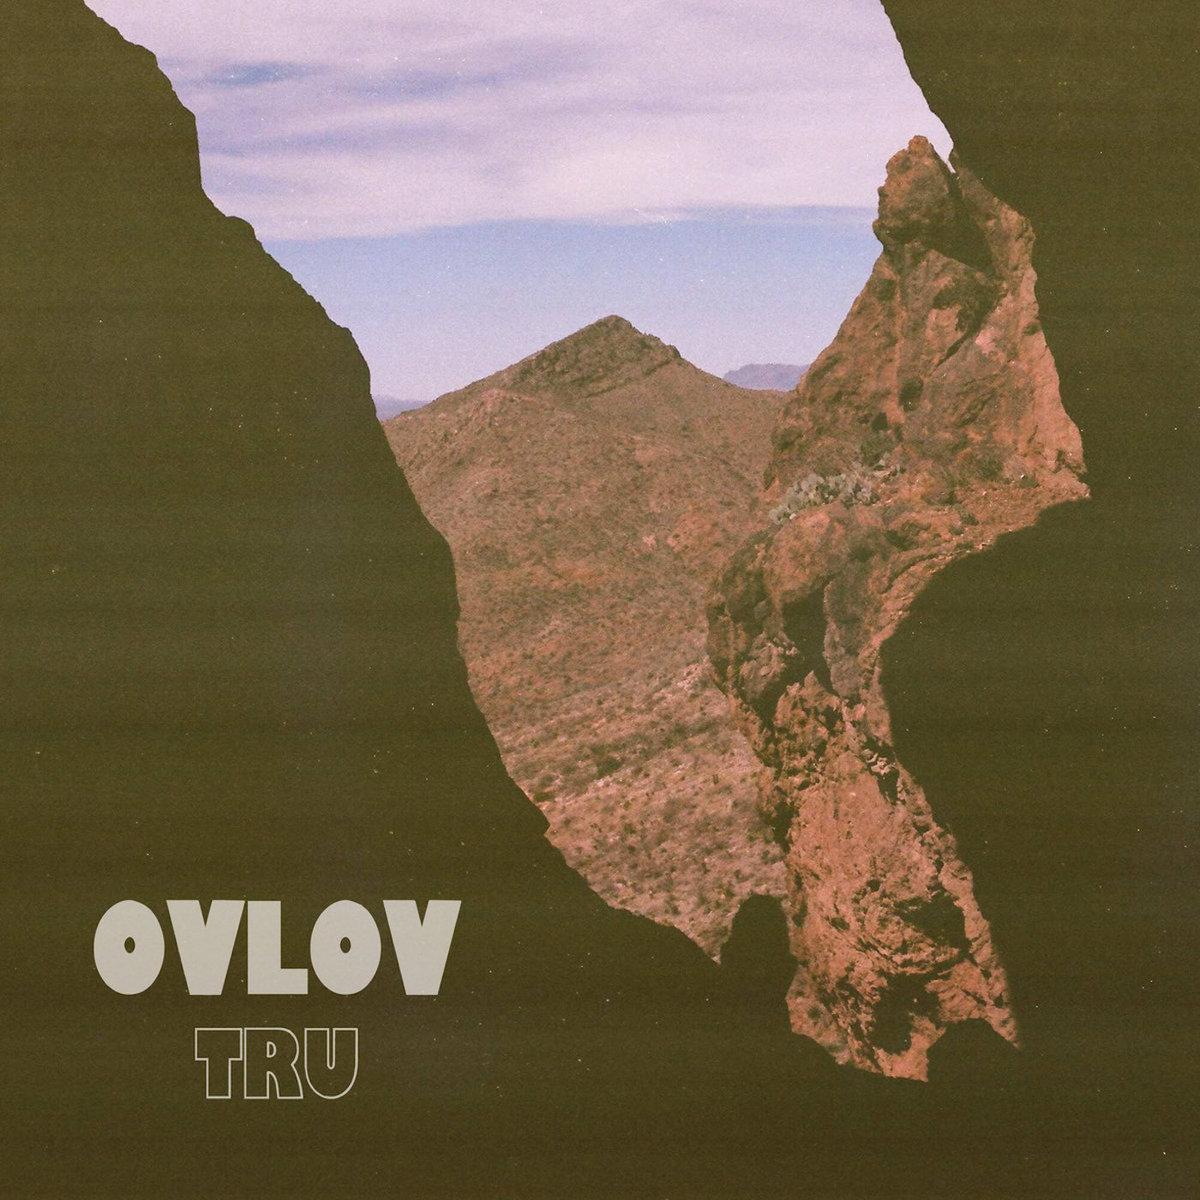 TRU | Ovlov